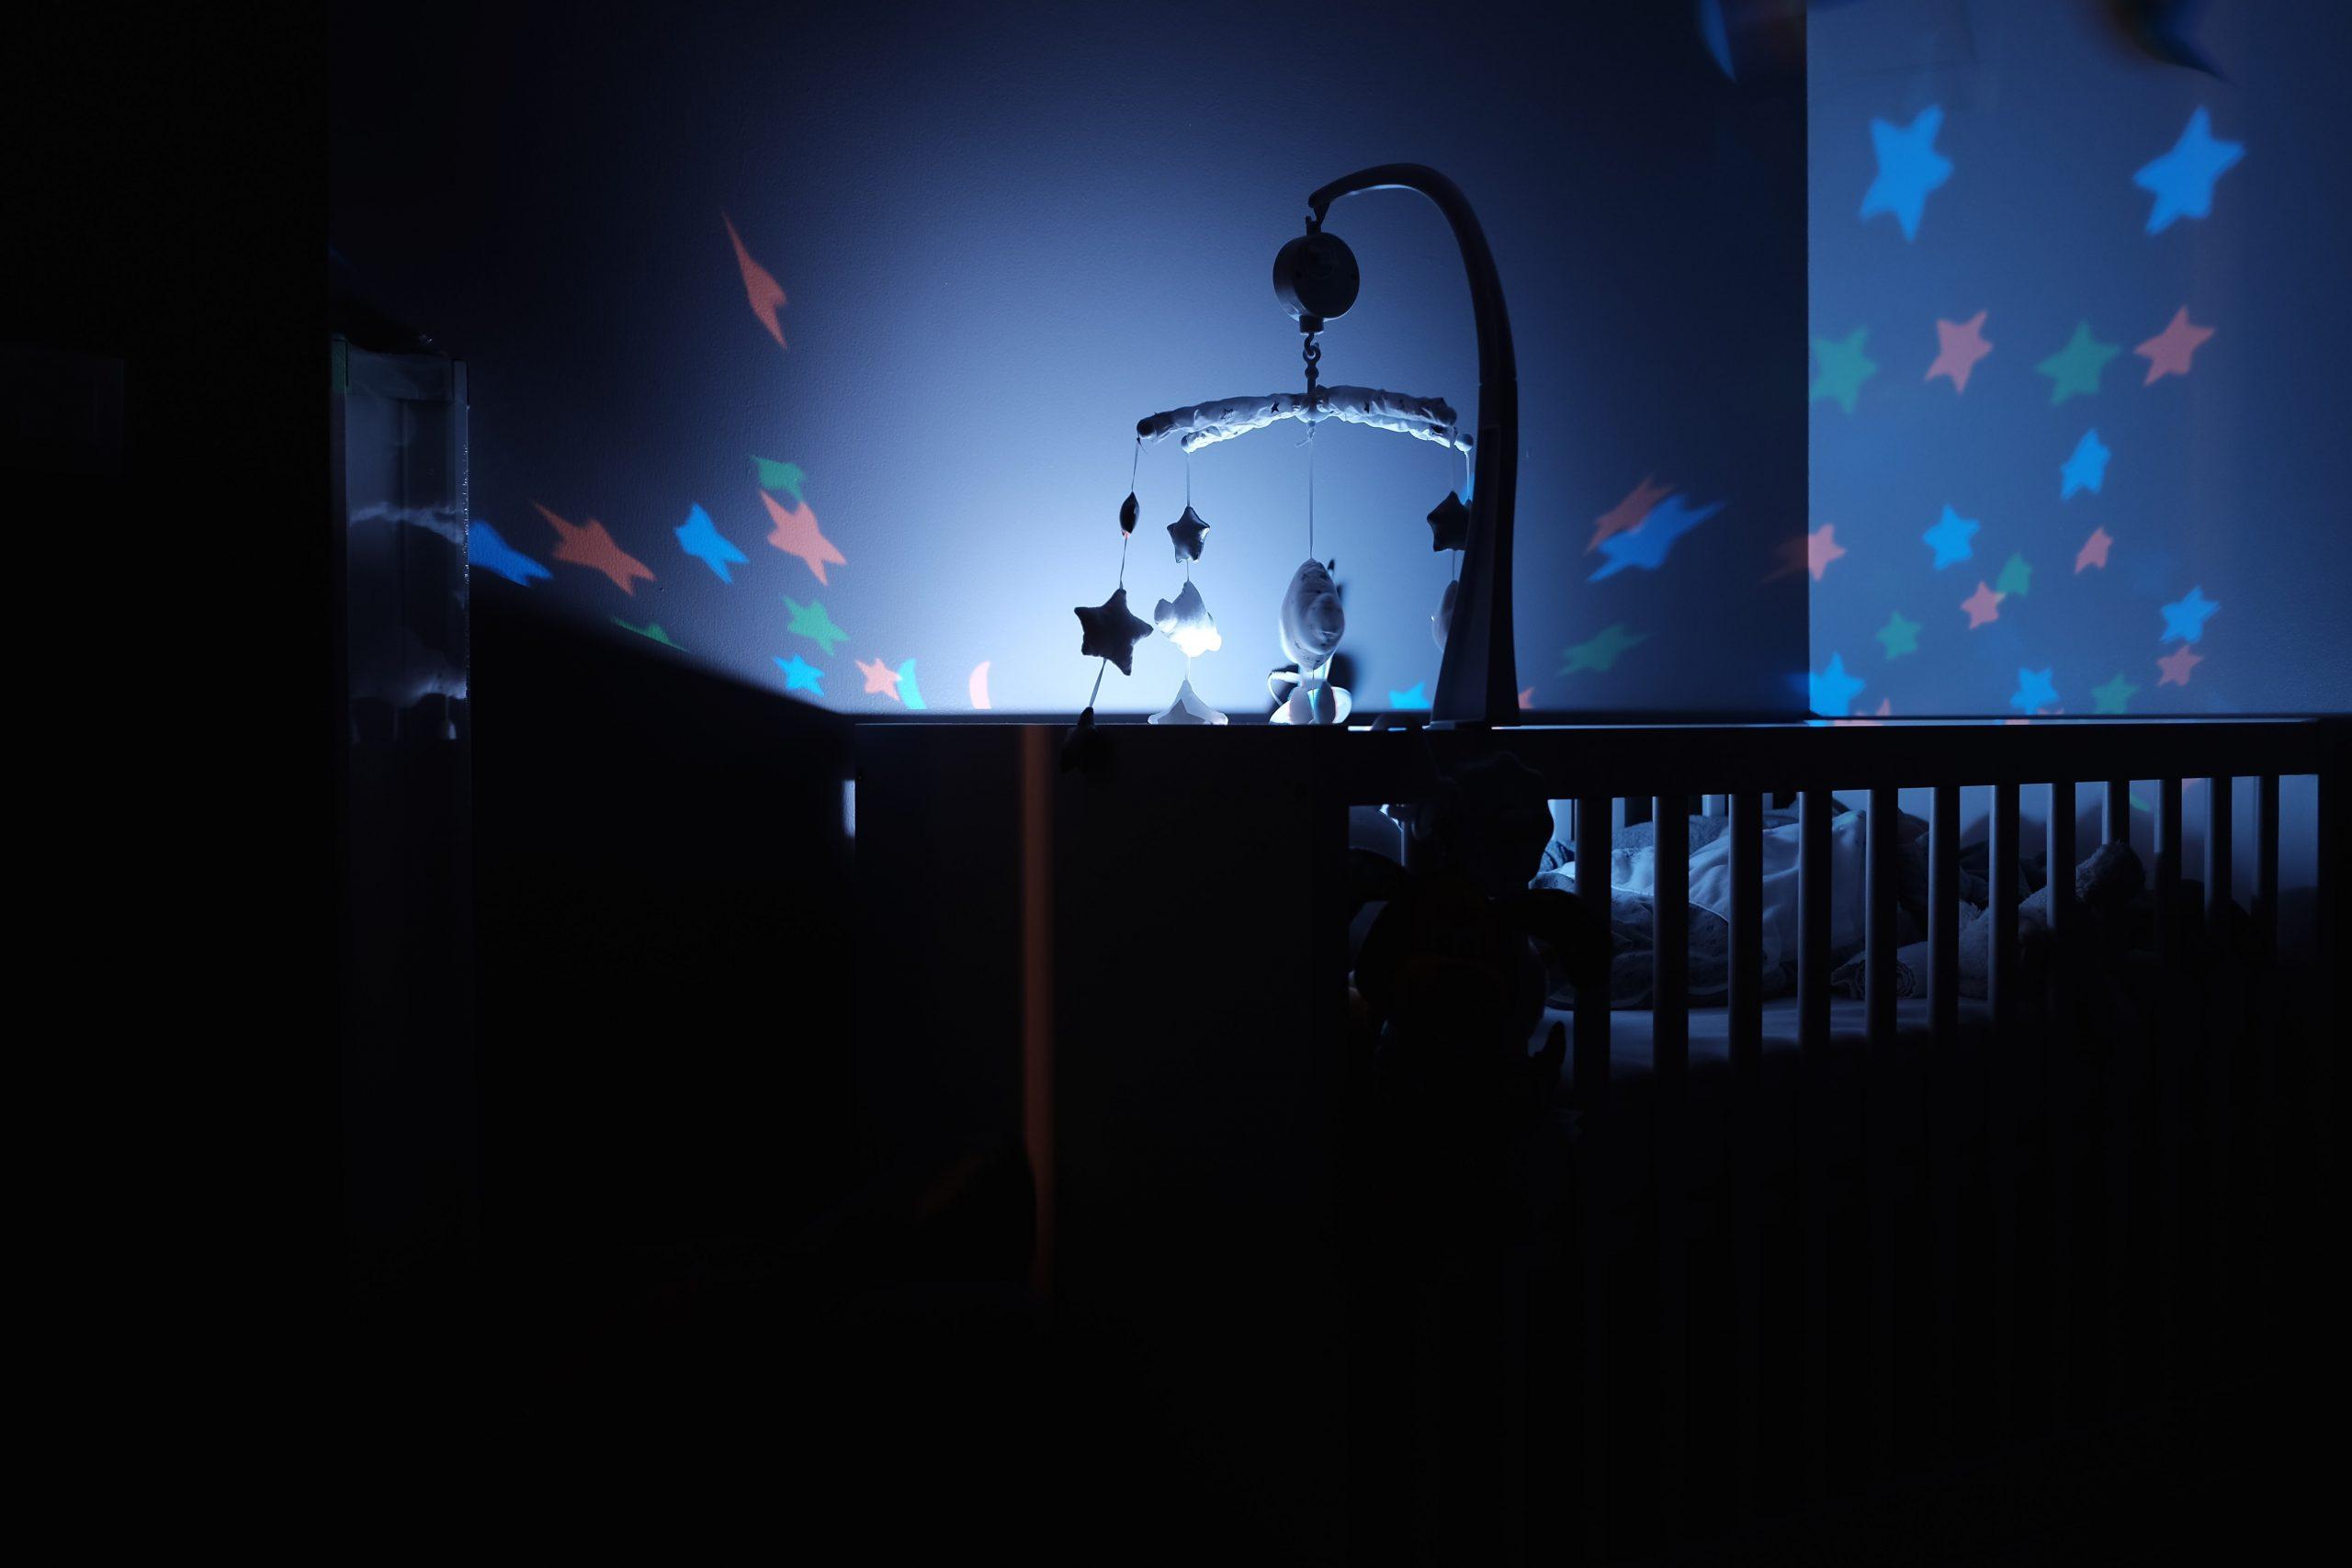 a che ora devono dormire i bambini - stanza di bambino al buio con culla illuminata da stelline luminose